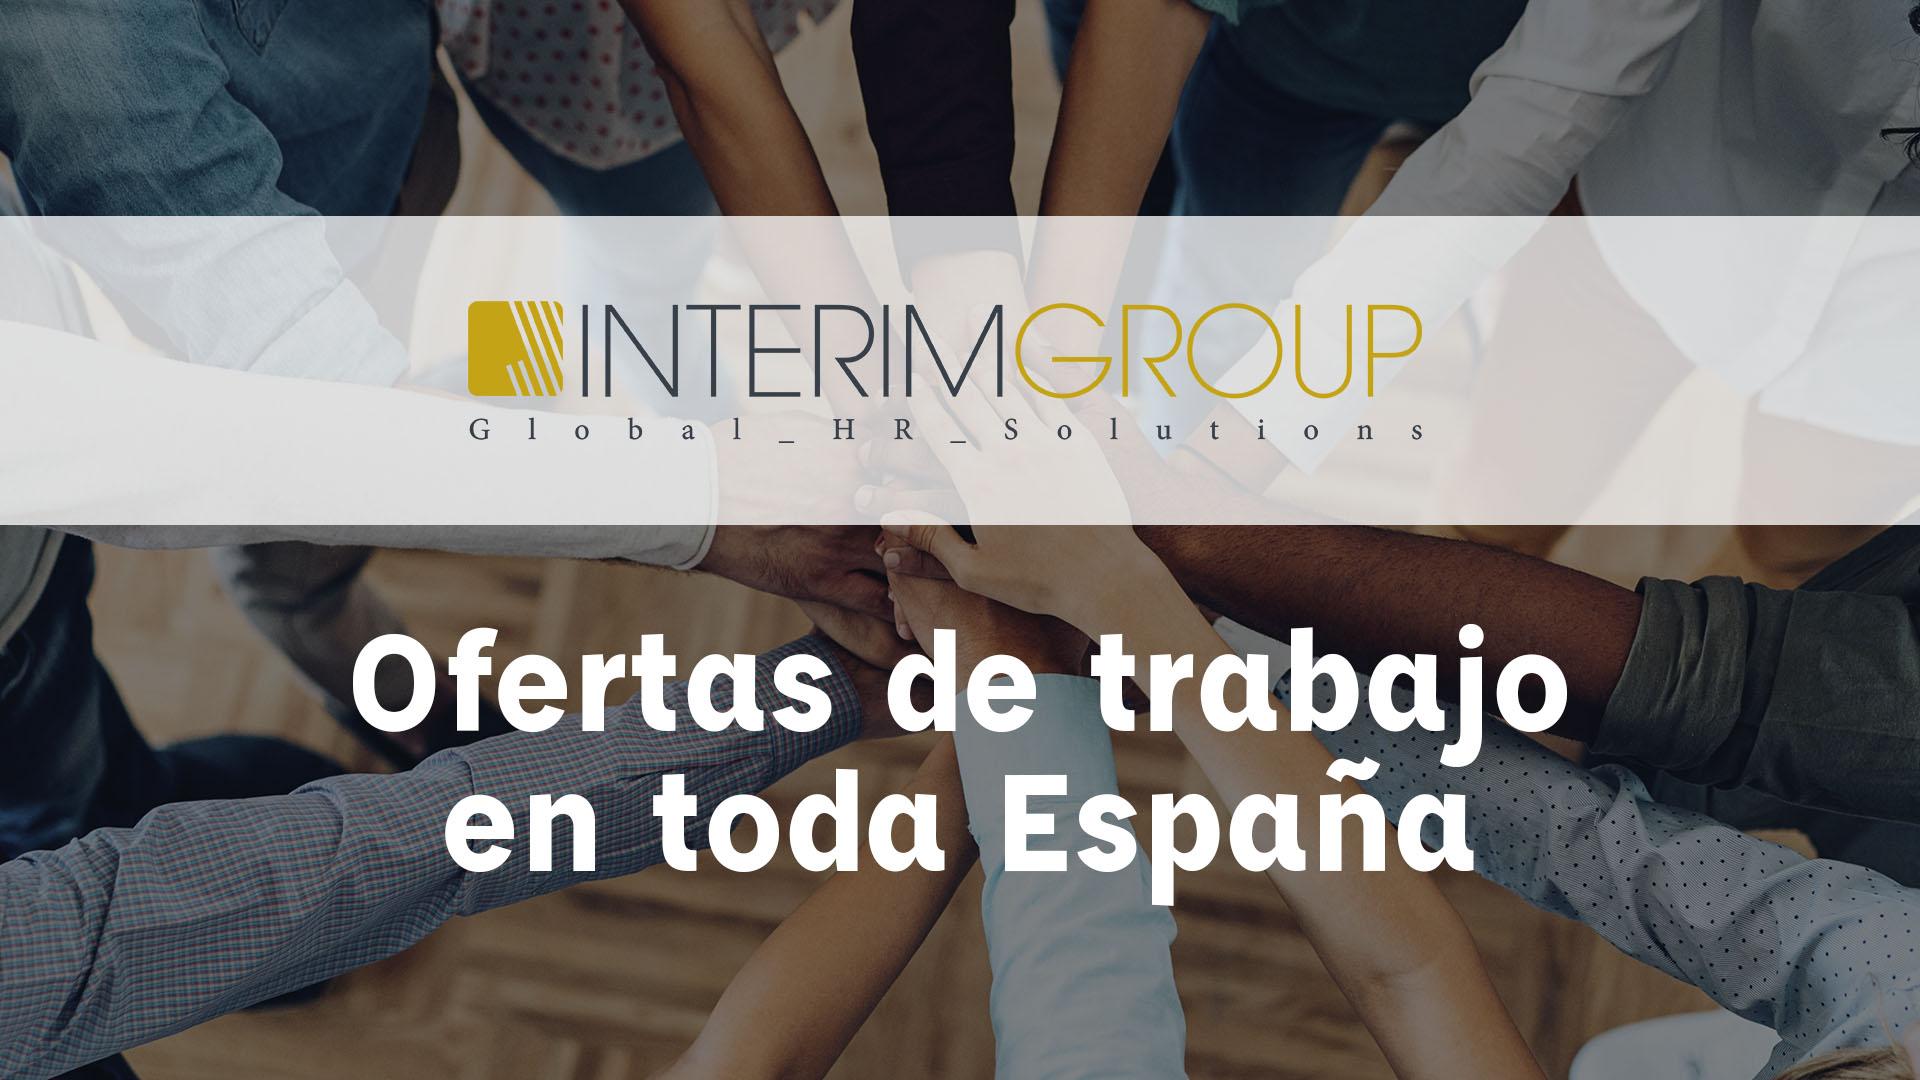 b46ed0cbe3435 Encuentra trabajo en toda España